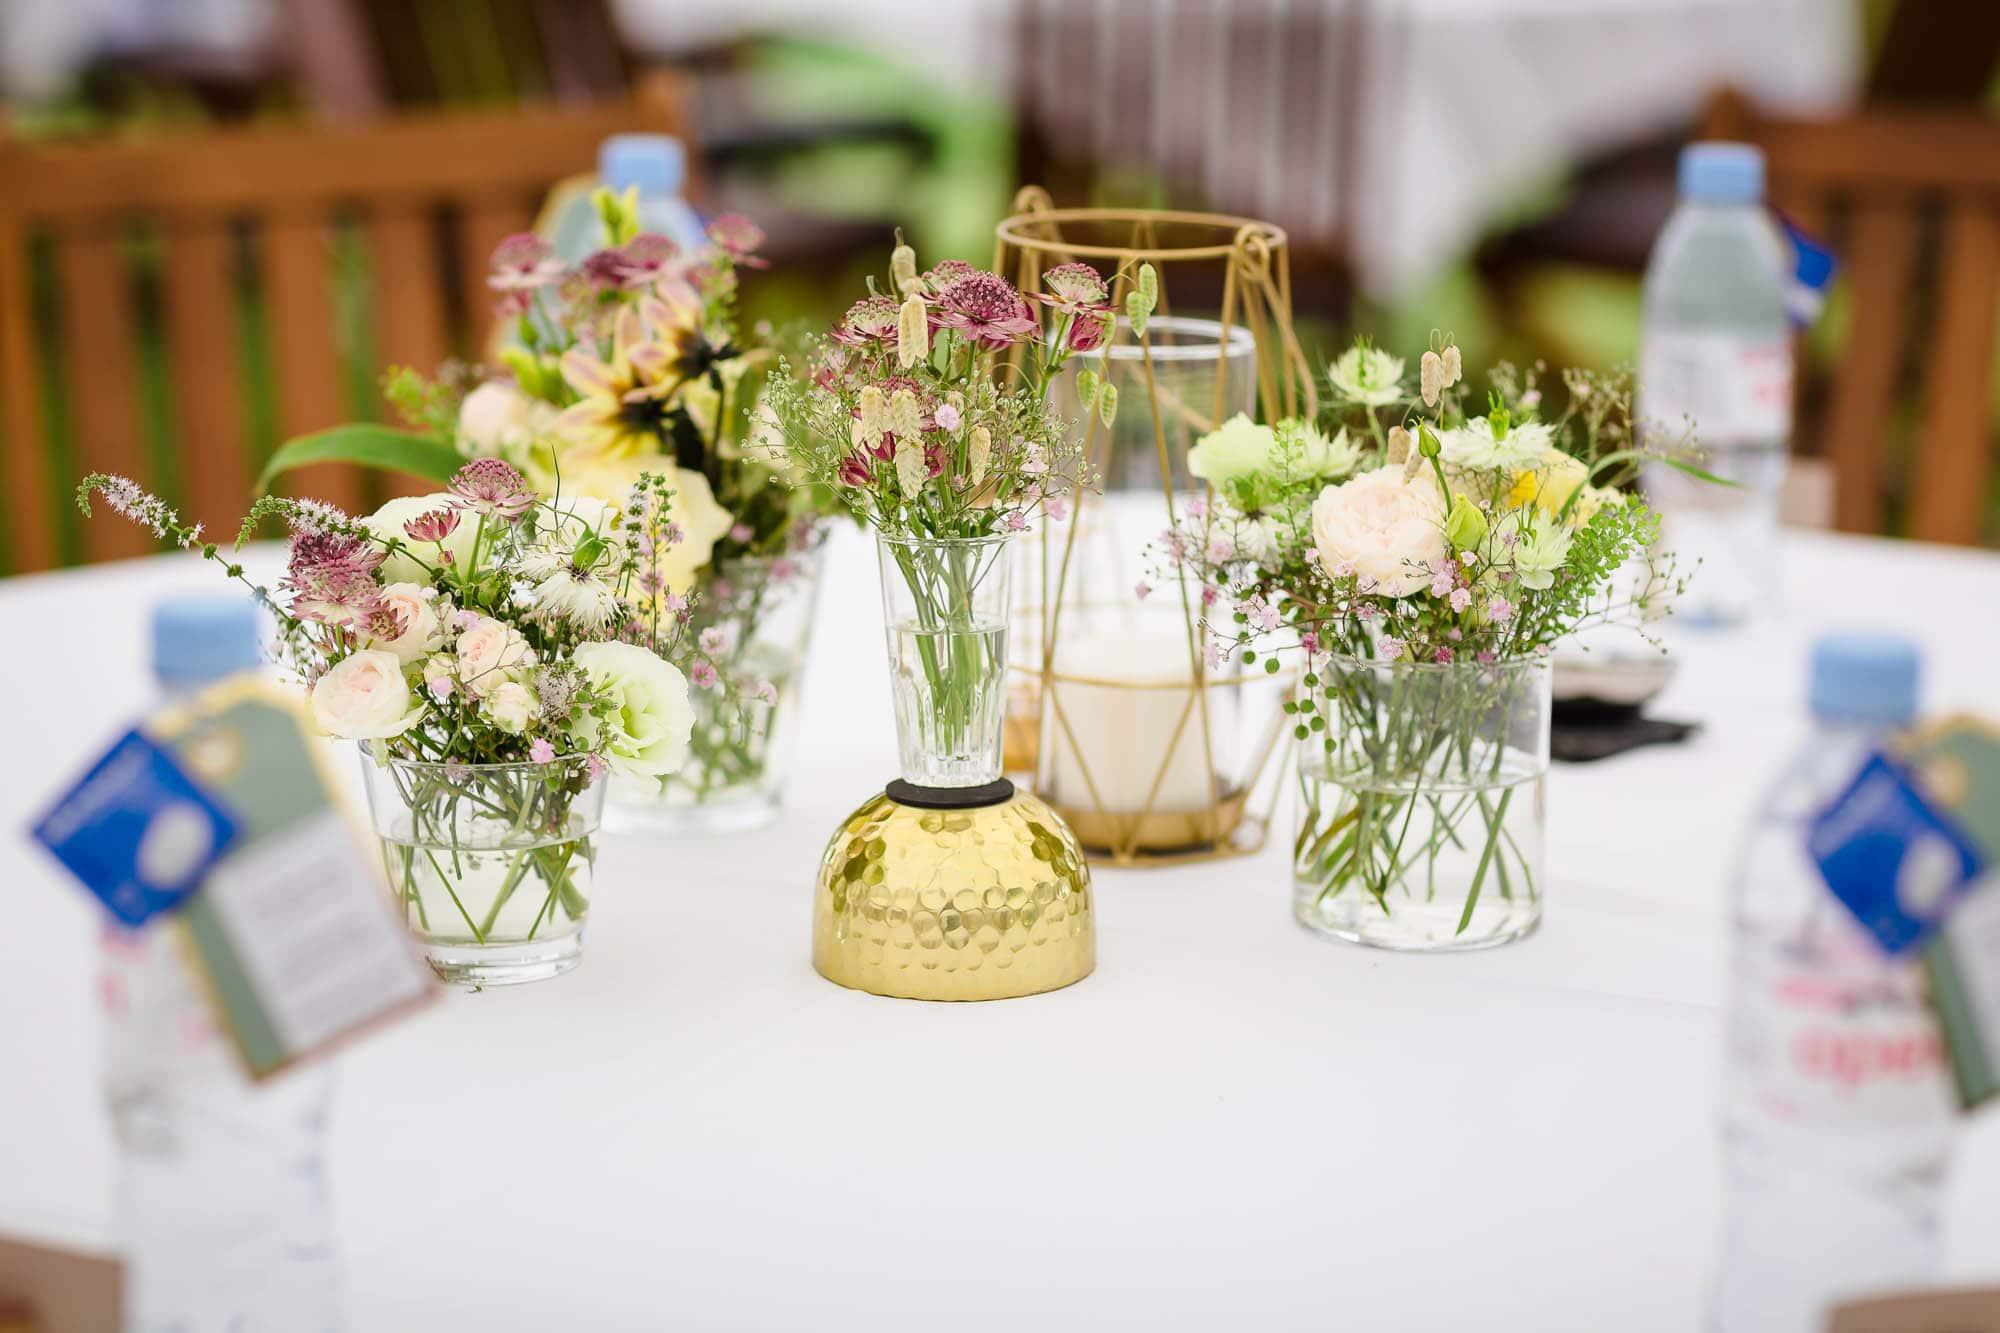 Blumendekoration auf Tisch